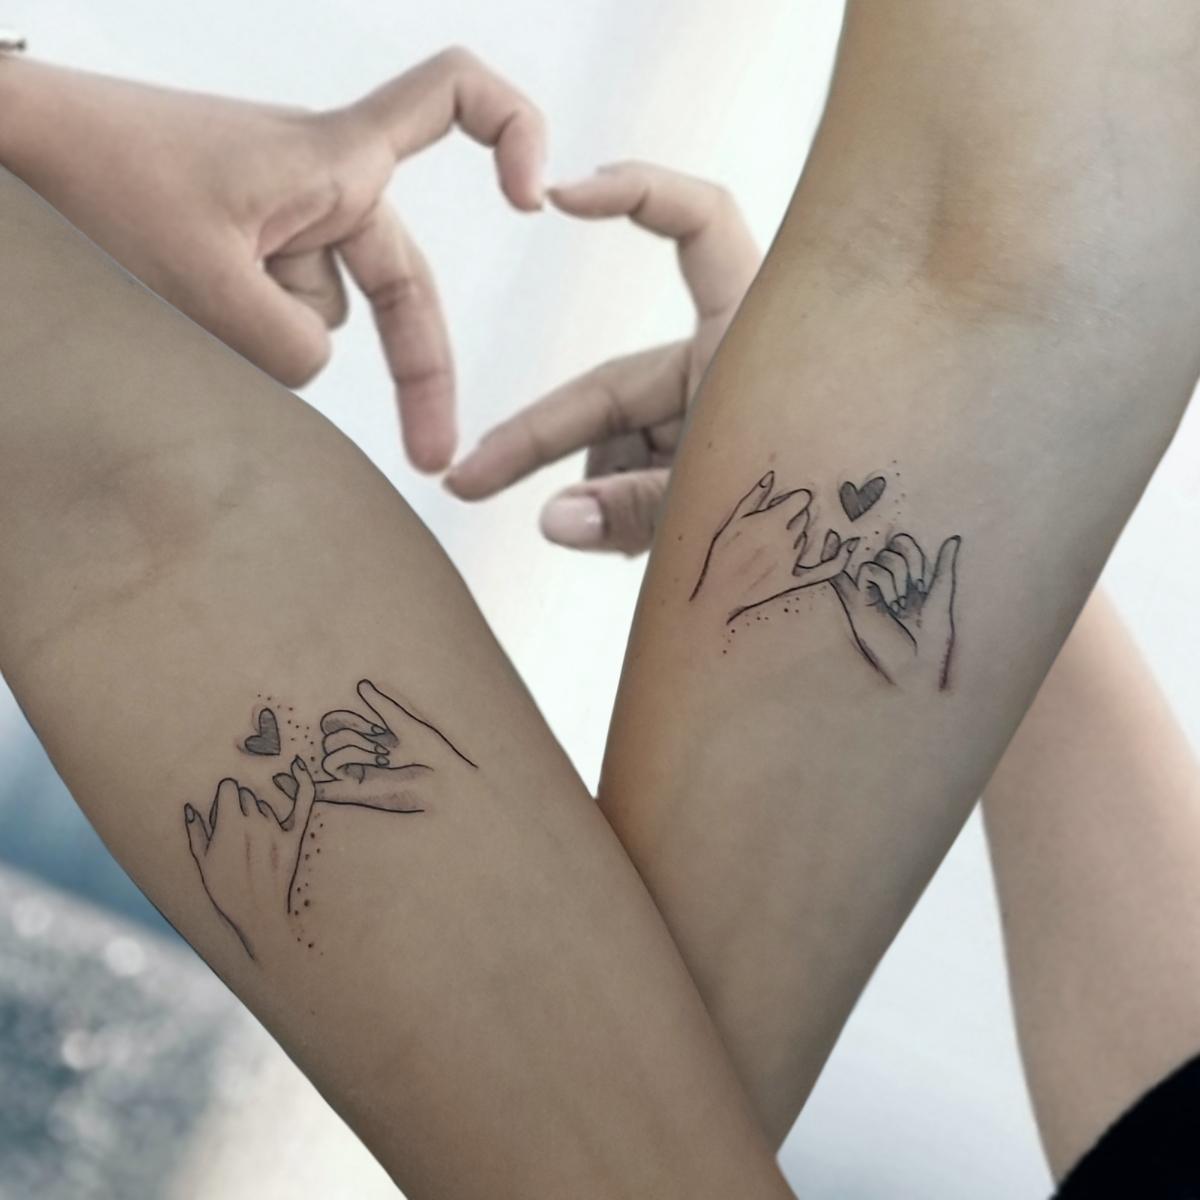 Muenchen-Tattoo-Referenzen-Galerie-34